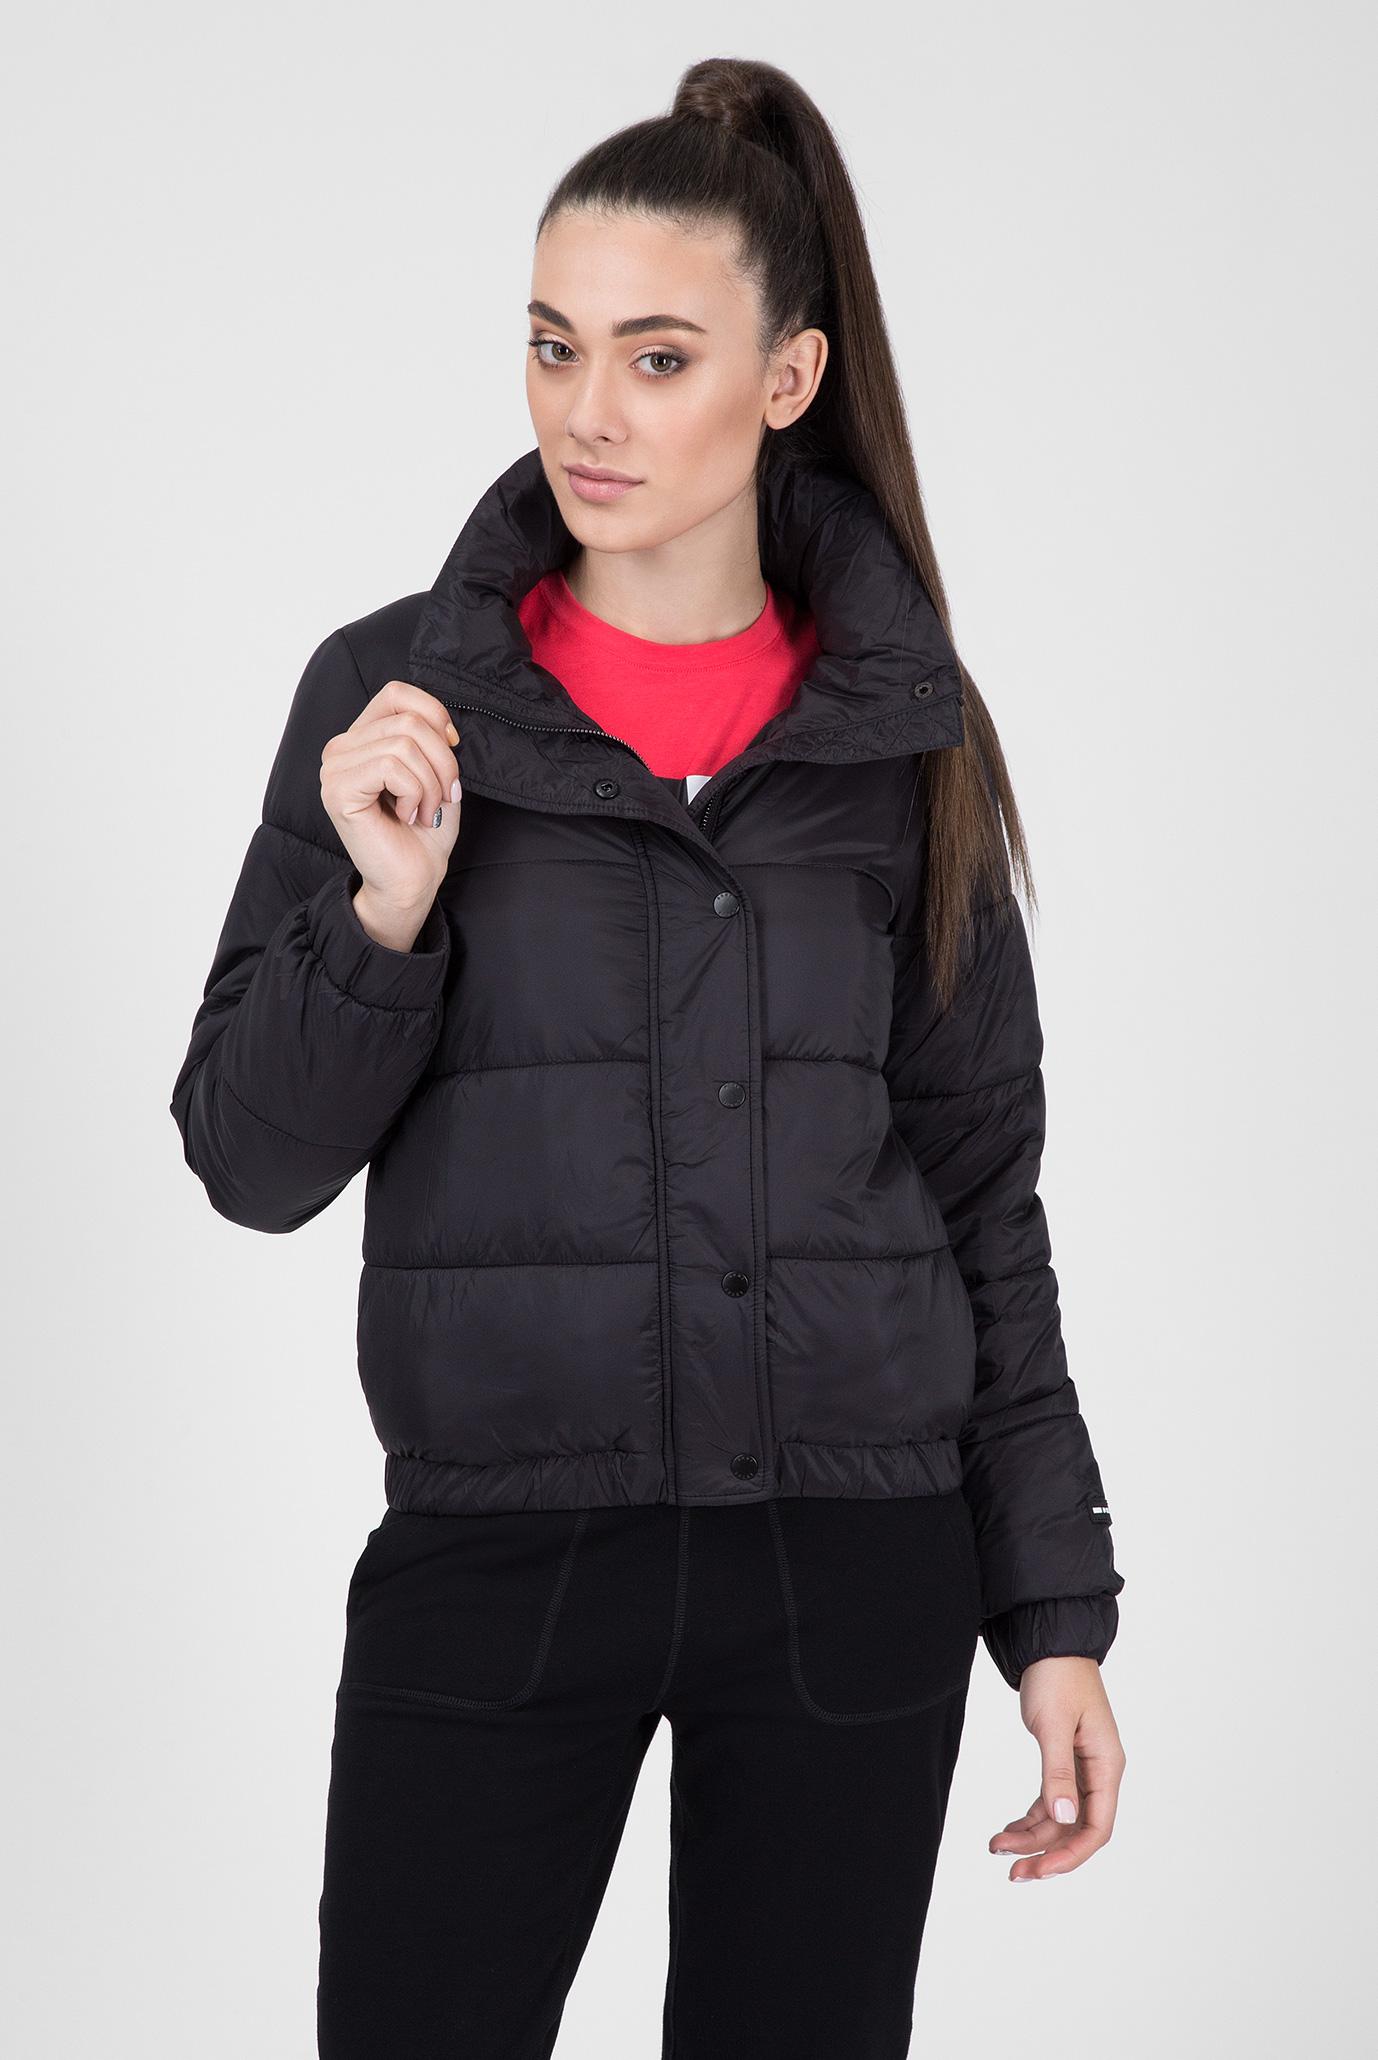 Купить Женская черная куртка POLYFIL DKNY DKNY DP8J8392 – Киев, Украина.  Цены в интернет магазине MD Fashion 2ef2a07d1a7